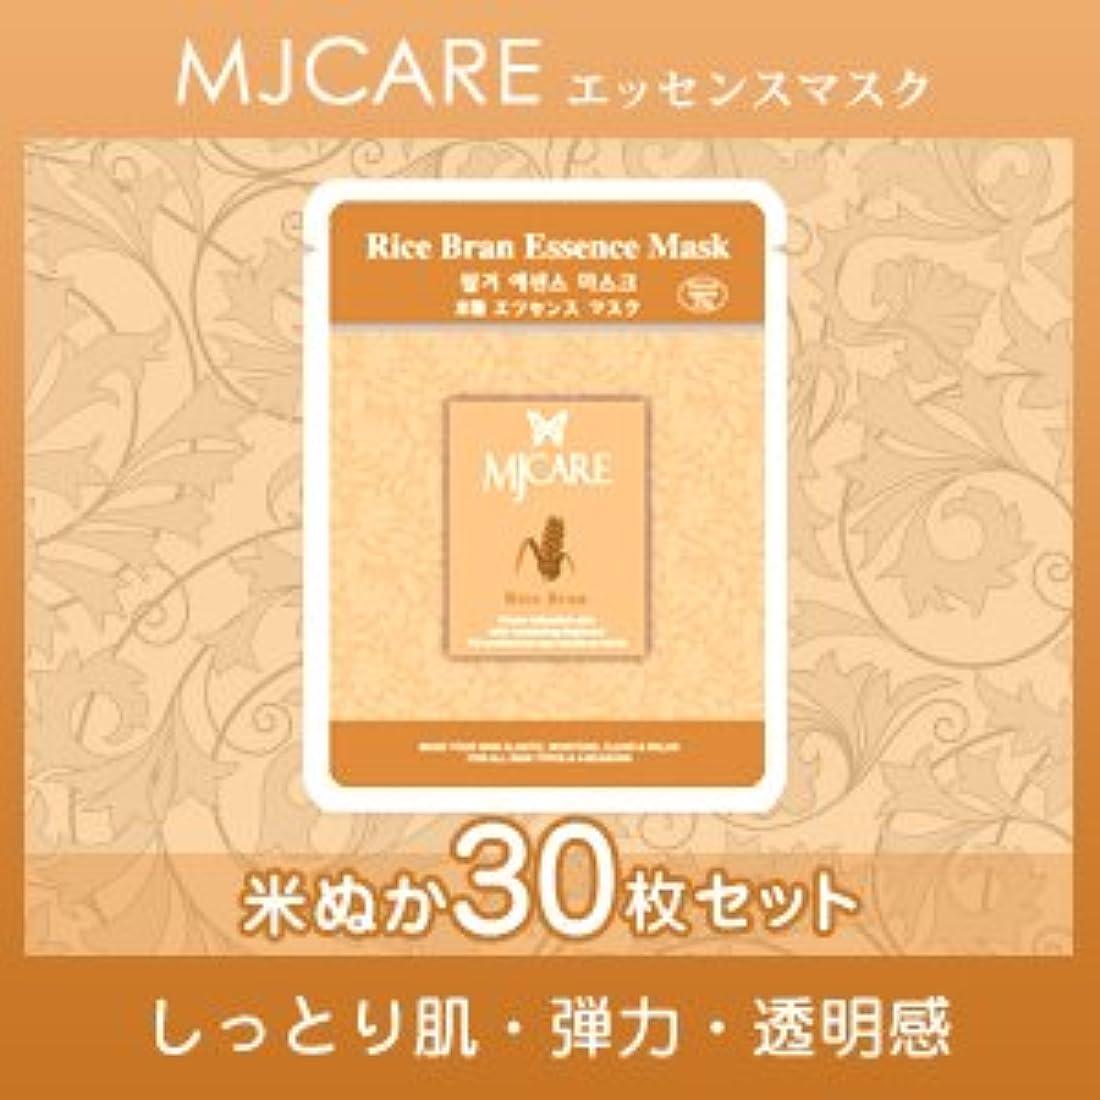 拍手する絶妙ささやきMJCARE (エムジェイケア) 米ぬか エッセンスマスク 30セット